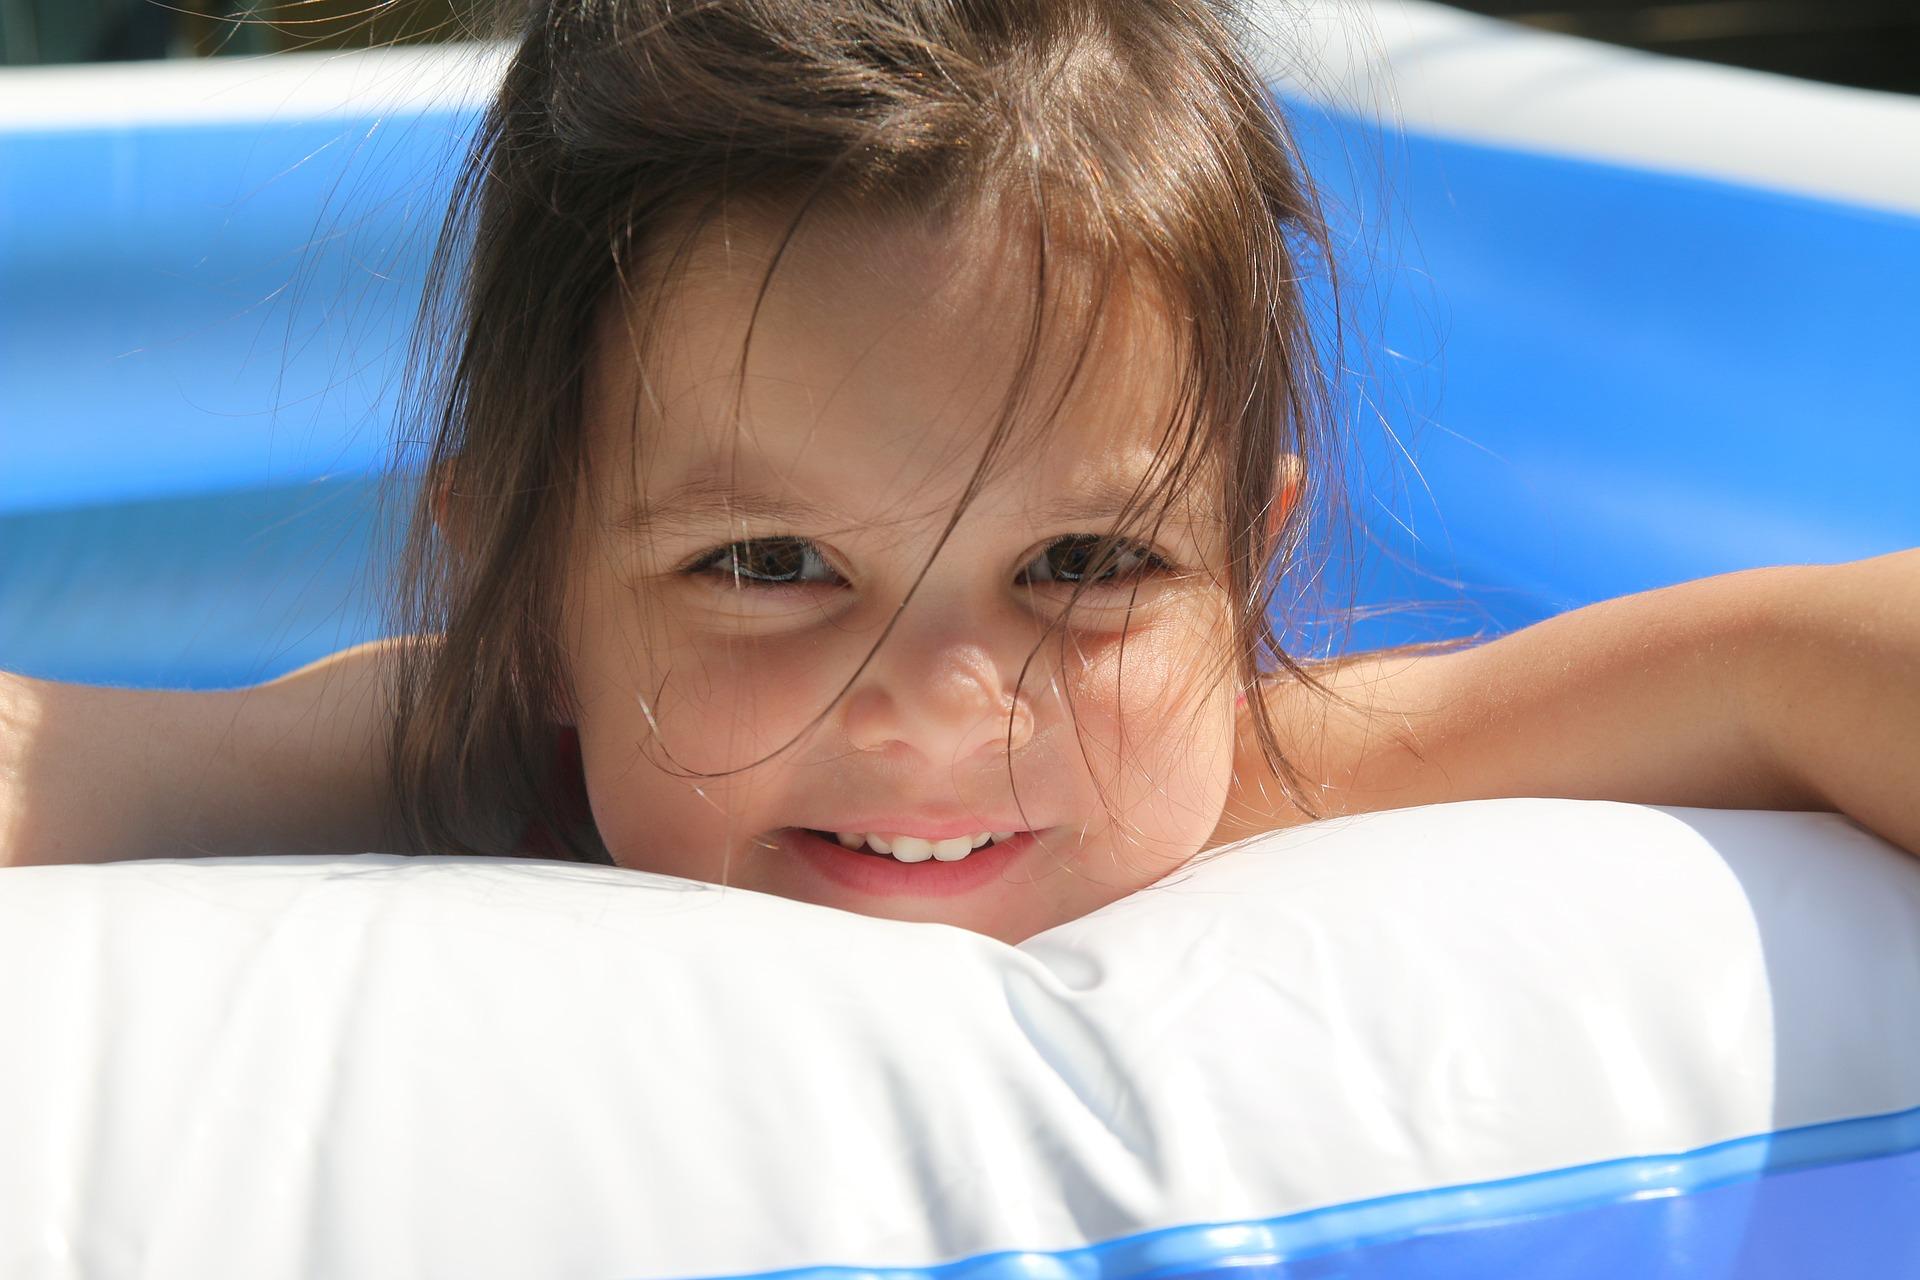 Kind im Planschbecken lächelnd